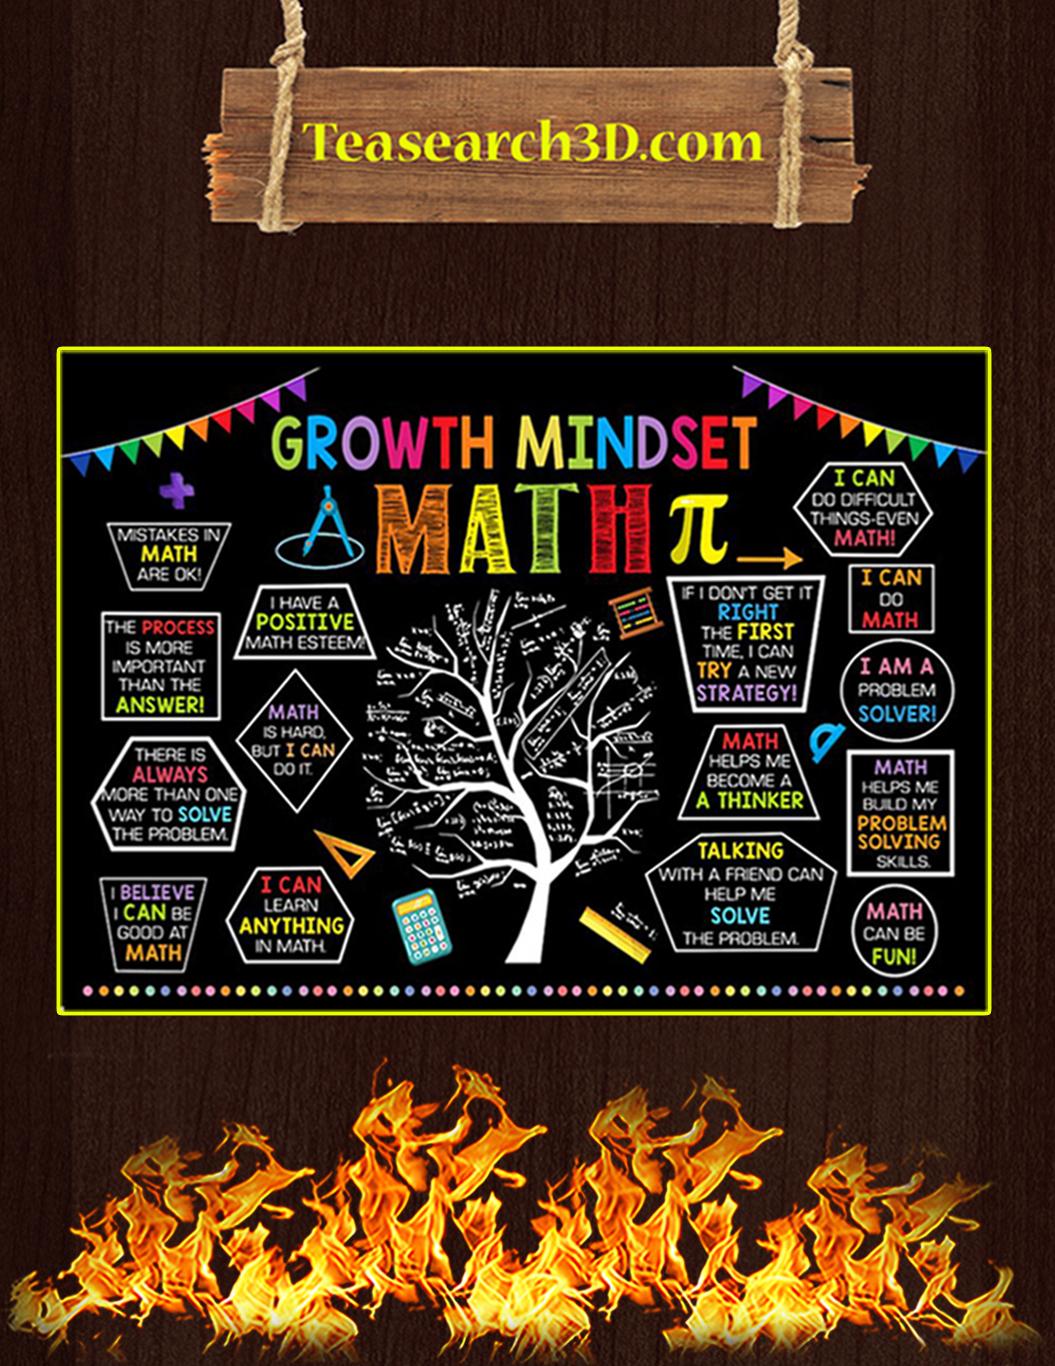 Growth Mindset math poster A1